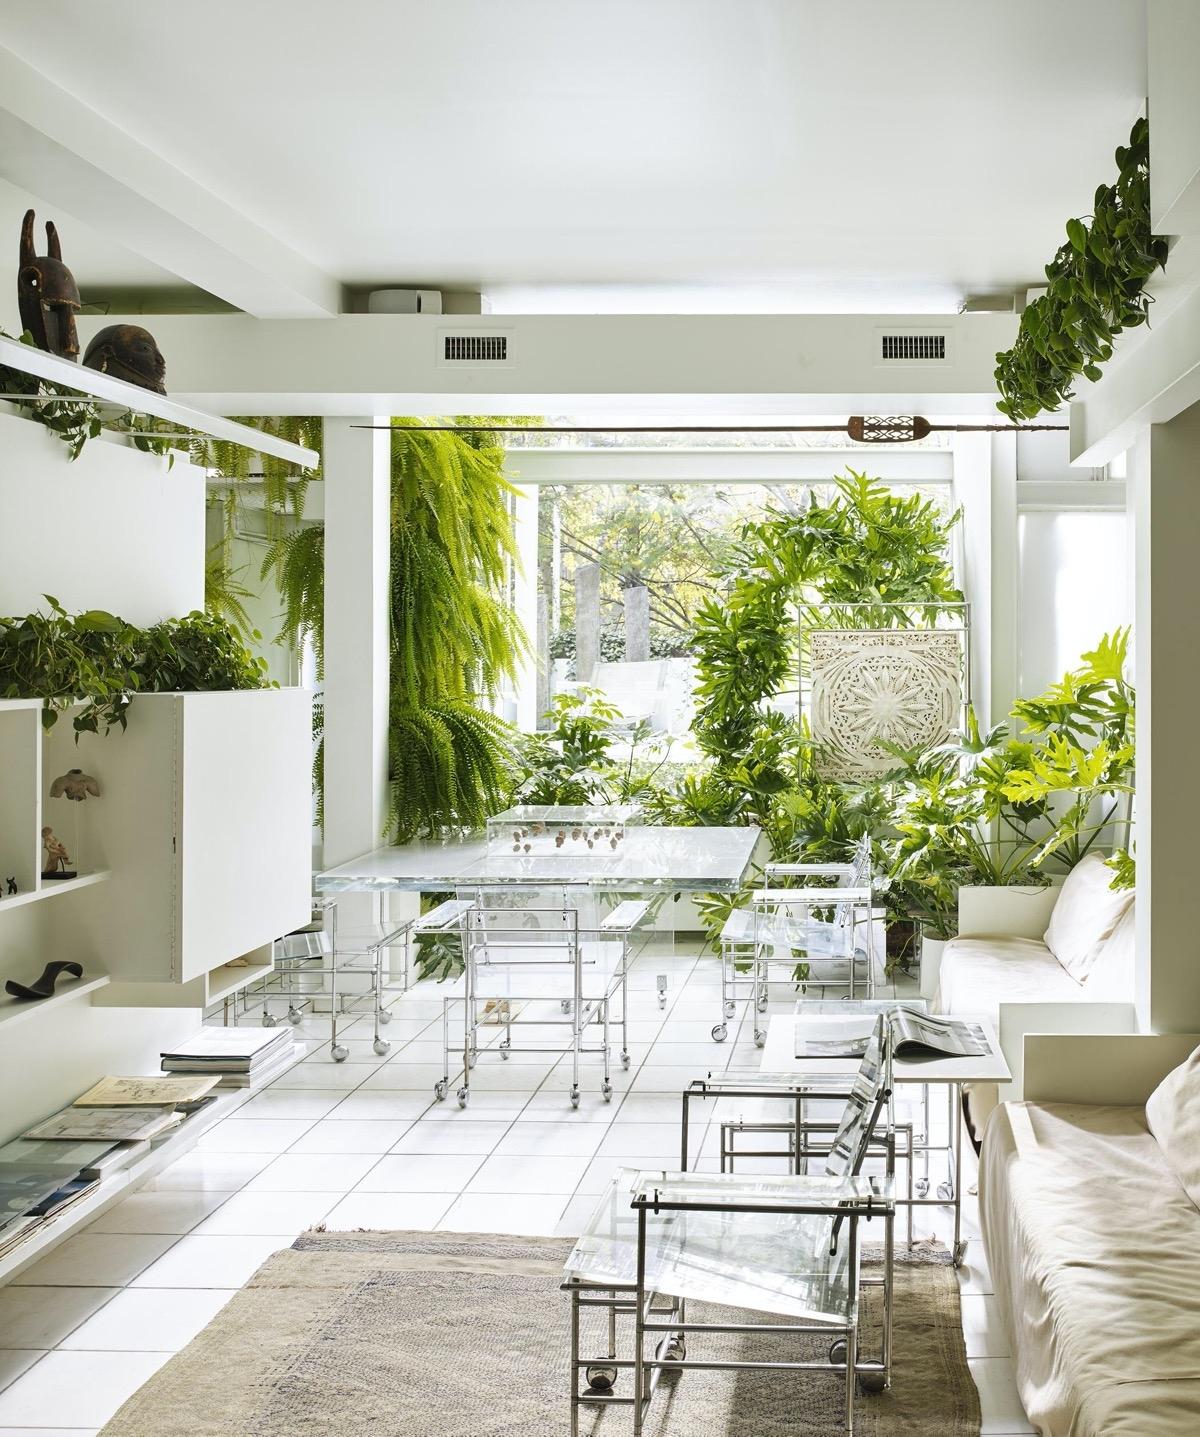 Thú vị hơn là bê hẳn bàn ghế ăn ra bên ngoài khu vực trồng cây xanh. Quá mát mẻ và trong lành./.